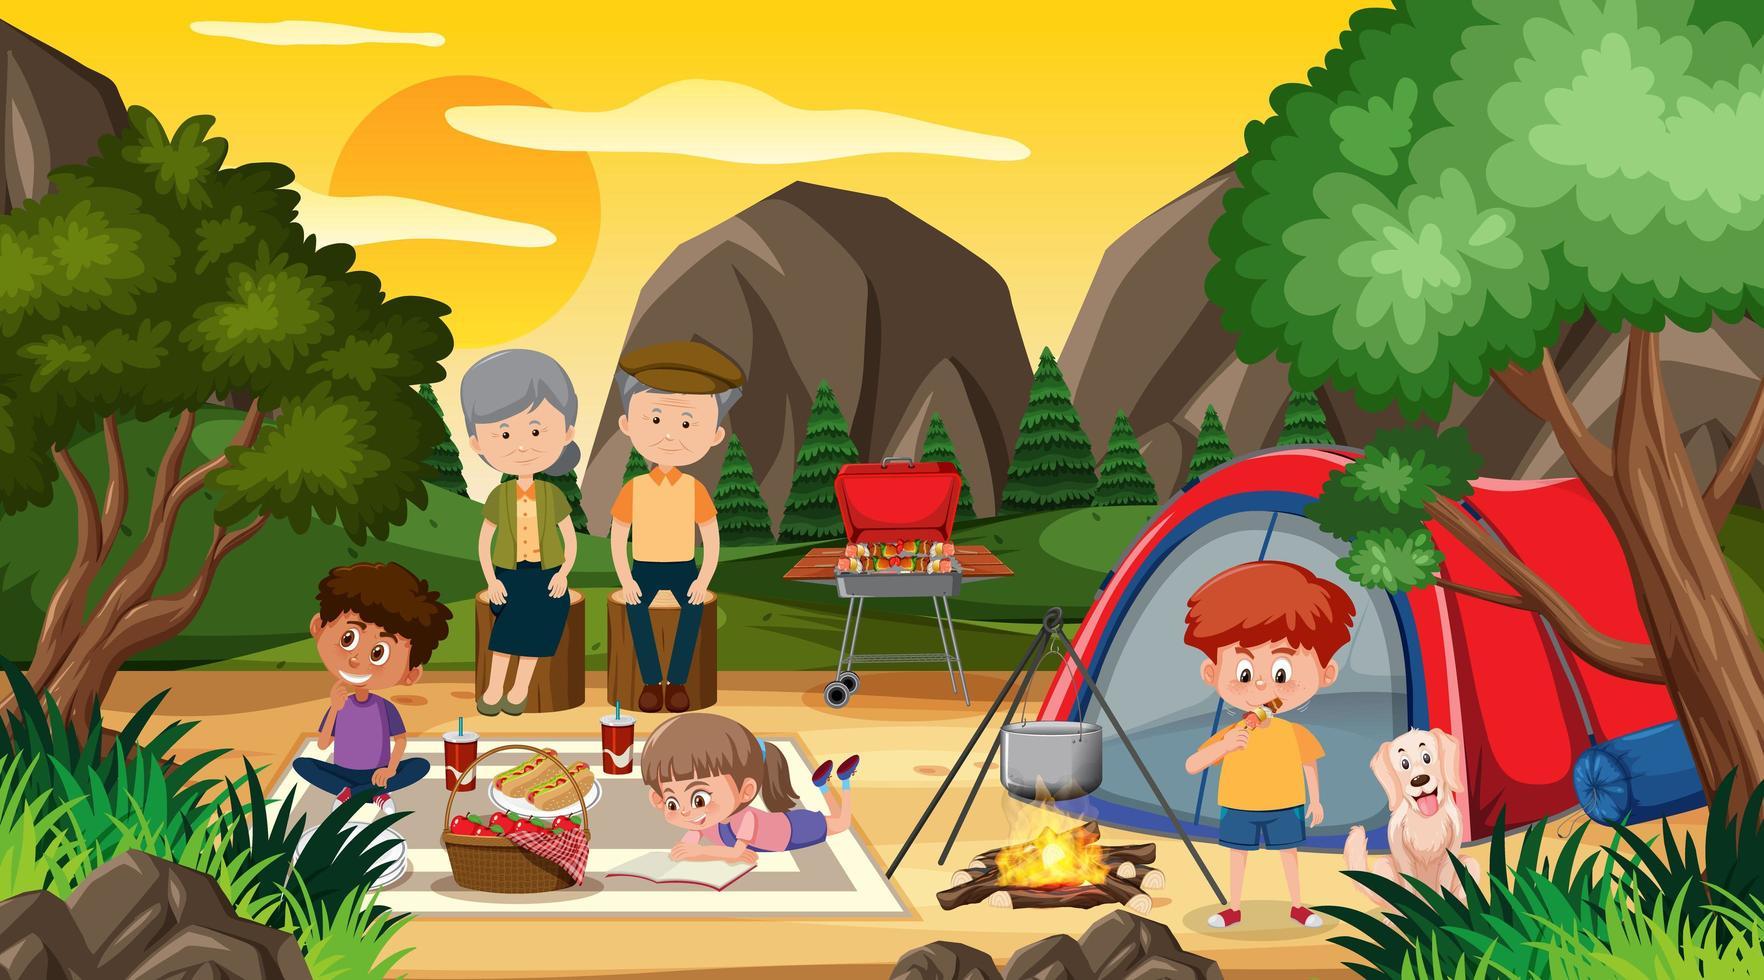 scène de pique-nique et de camping avec une famille heureuse vecteur